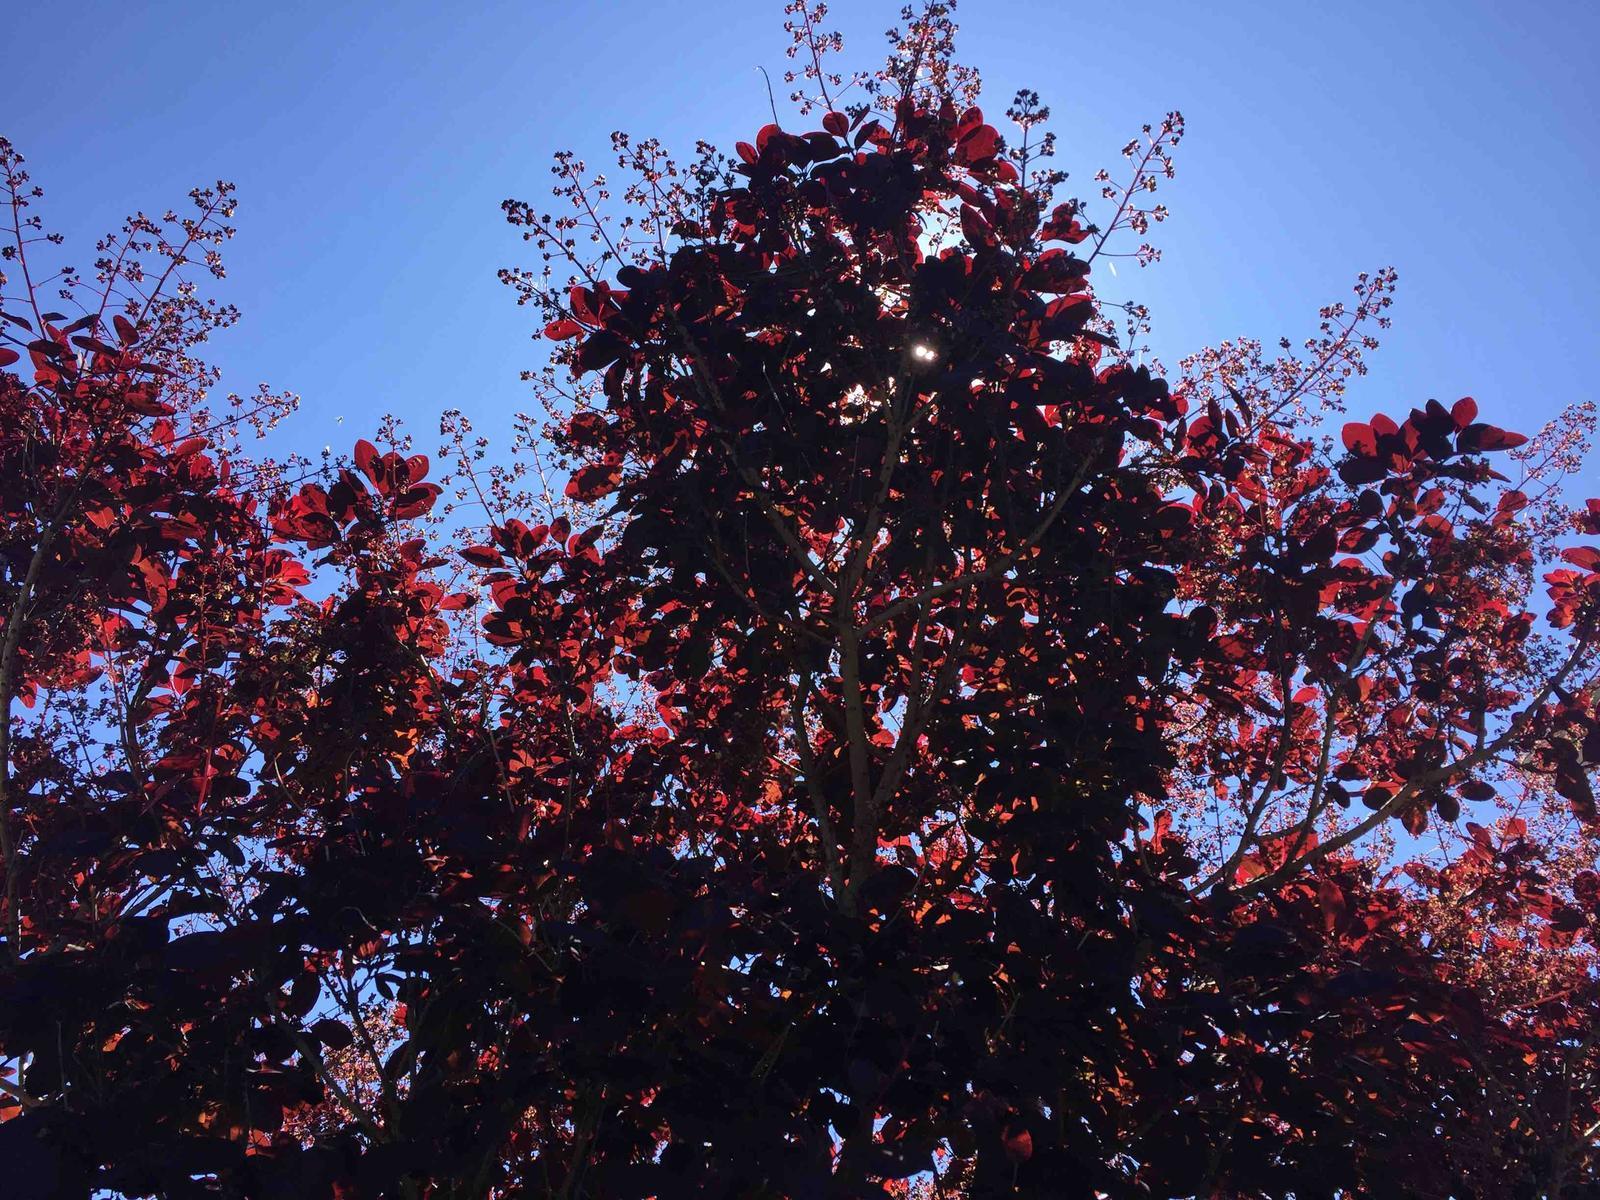 Naše barevná zahrada 🌸 - Růj vlasatá bude každým dnem kvést 🤗